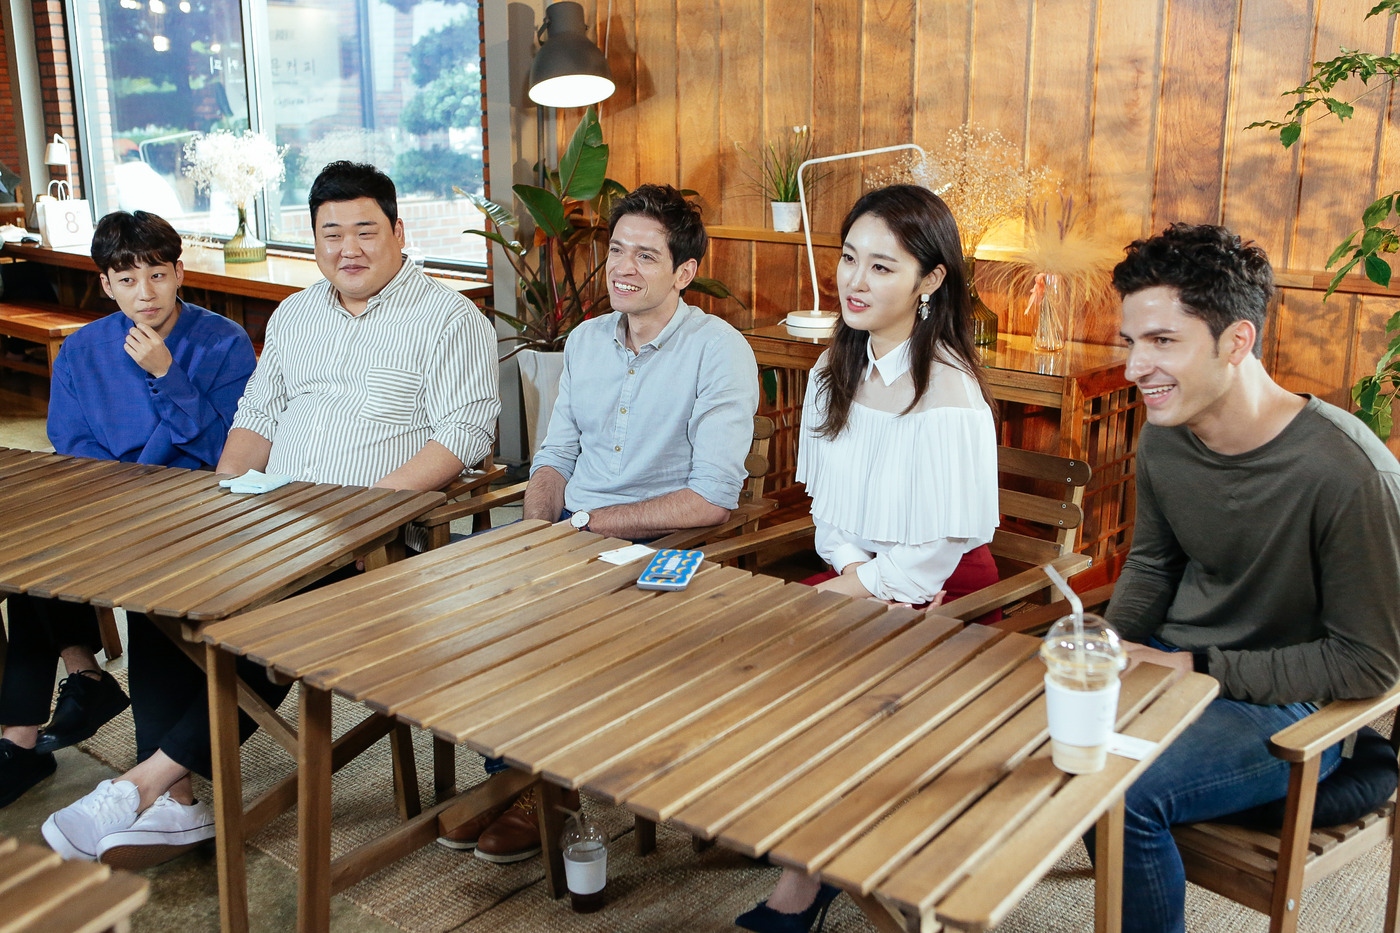 [방송을 탐하다, 탐방③] `어서와` MC ¨외국인들, 있는 그대로의 한국 더 좋아해¨